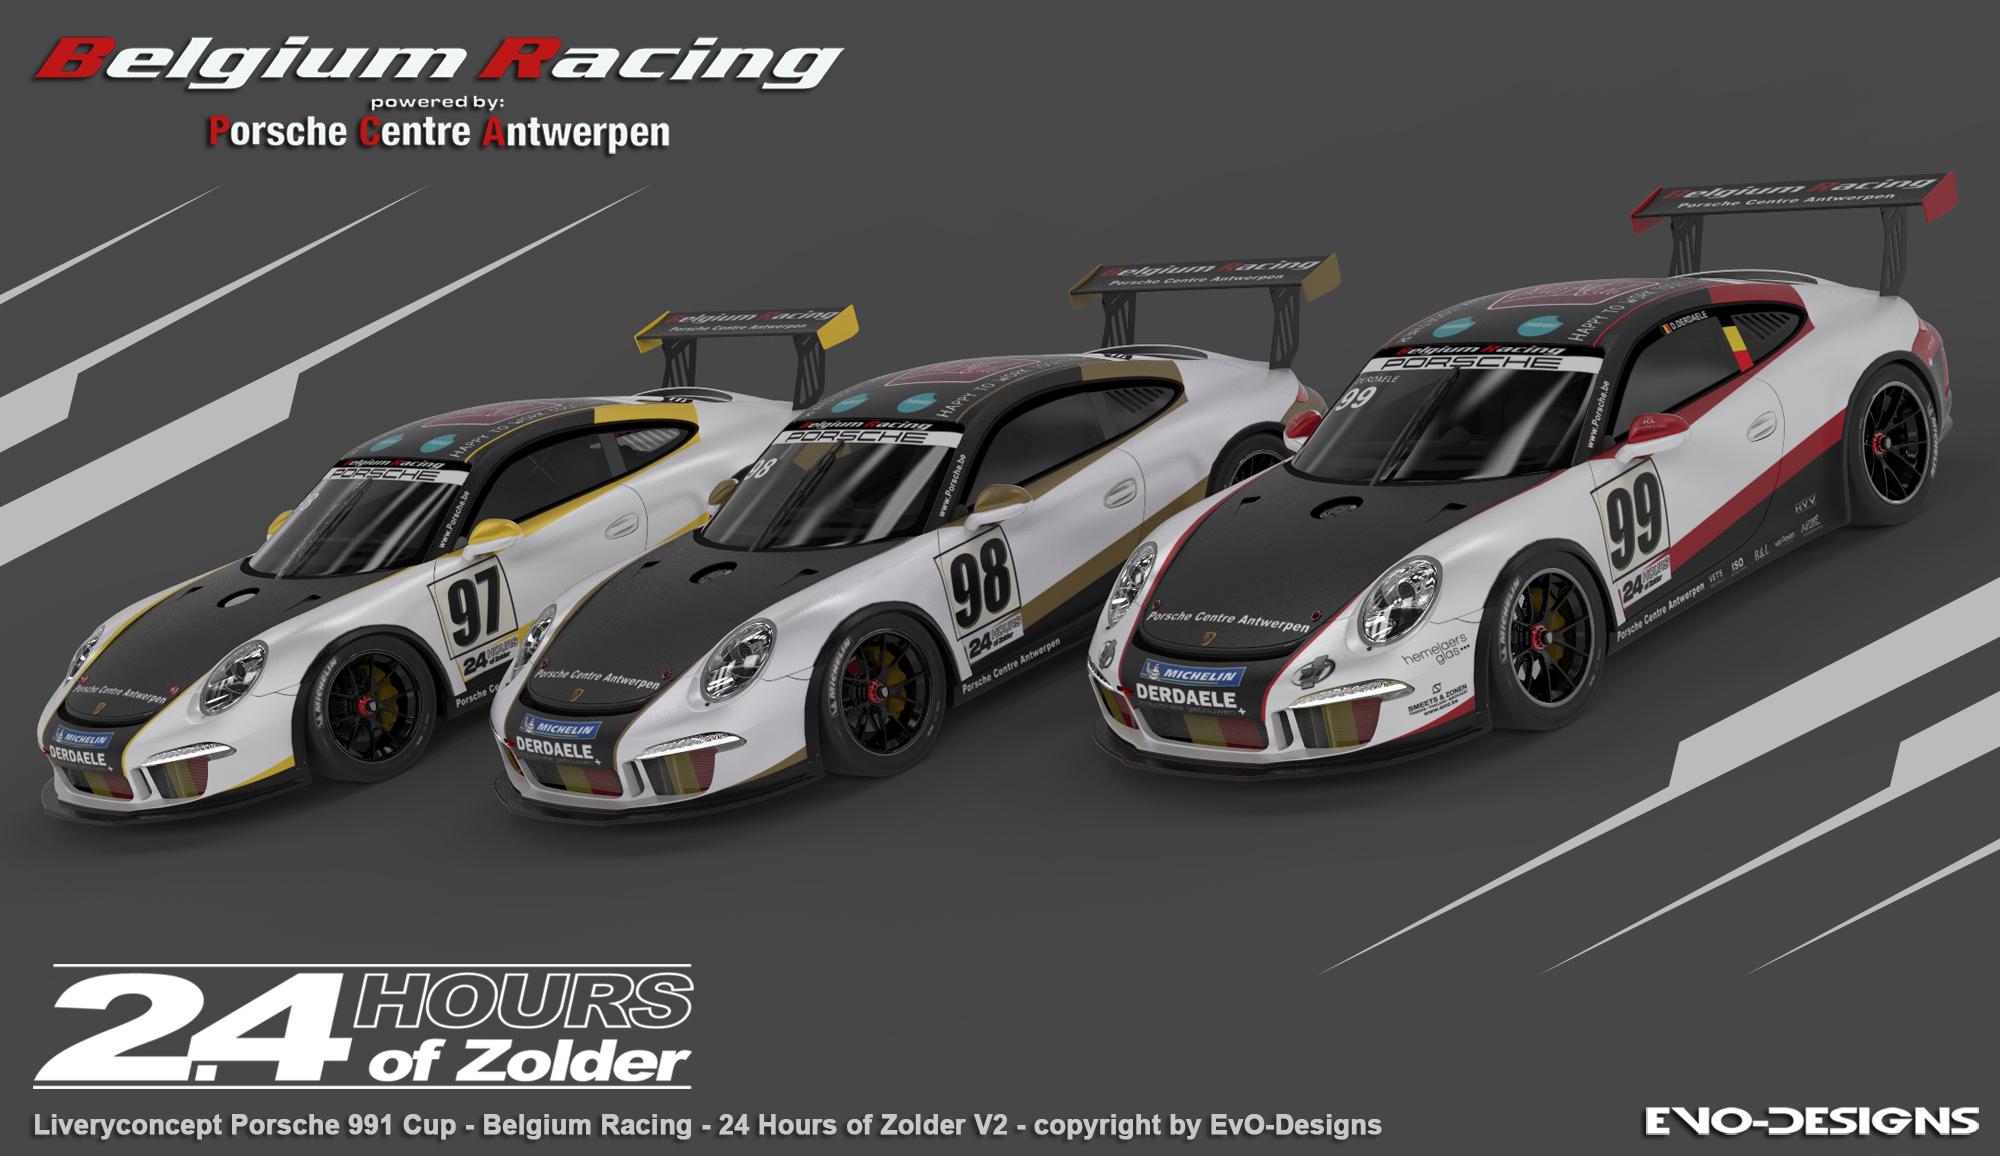 Belgium Racing met drie Porsches richting 24 Hours of Zolder?